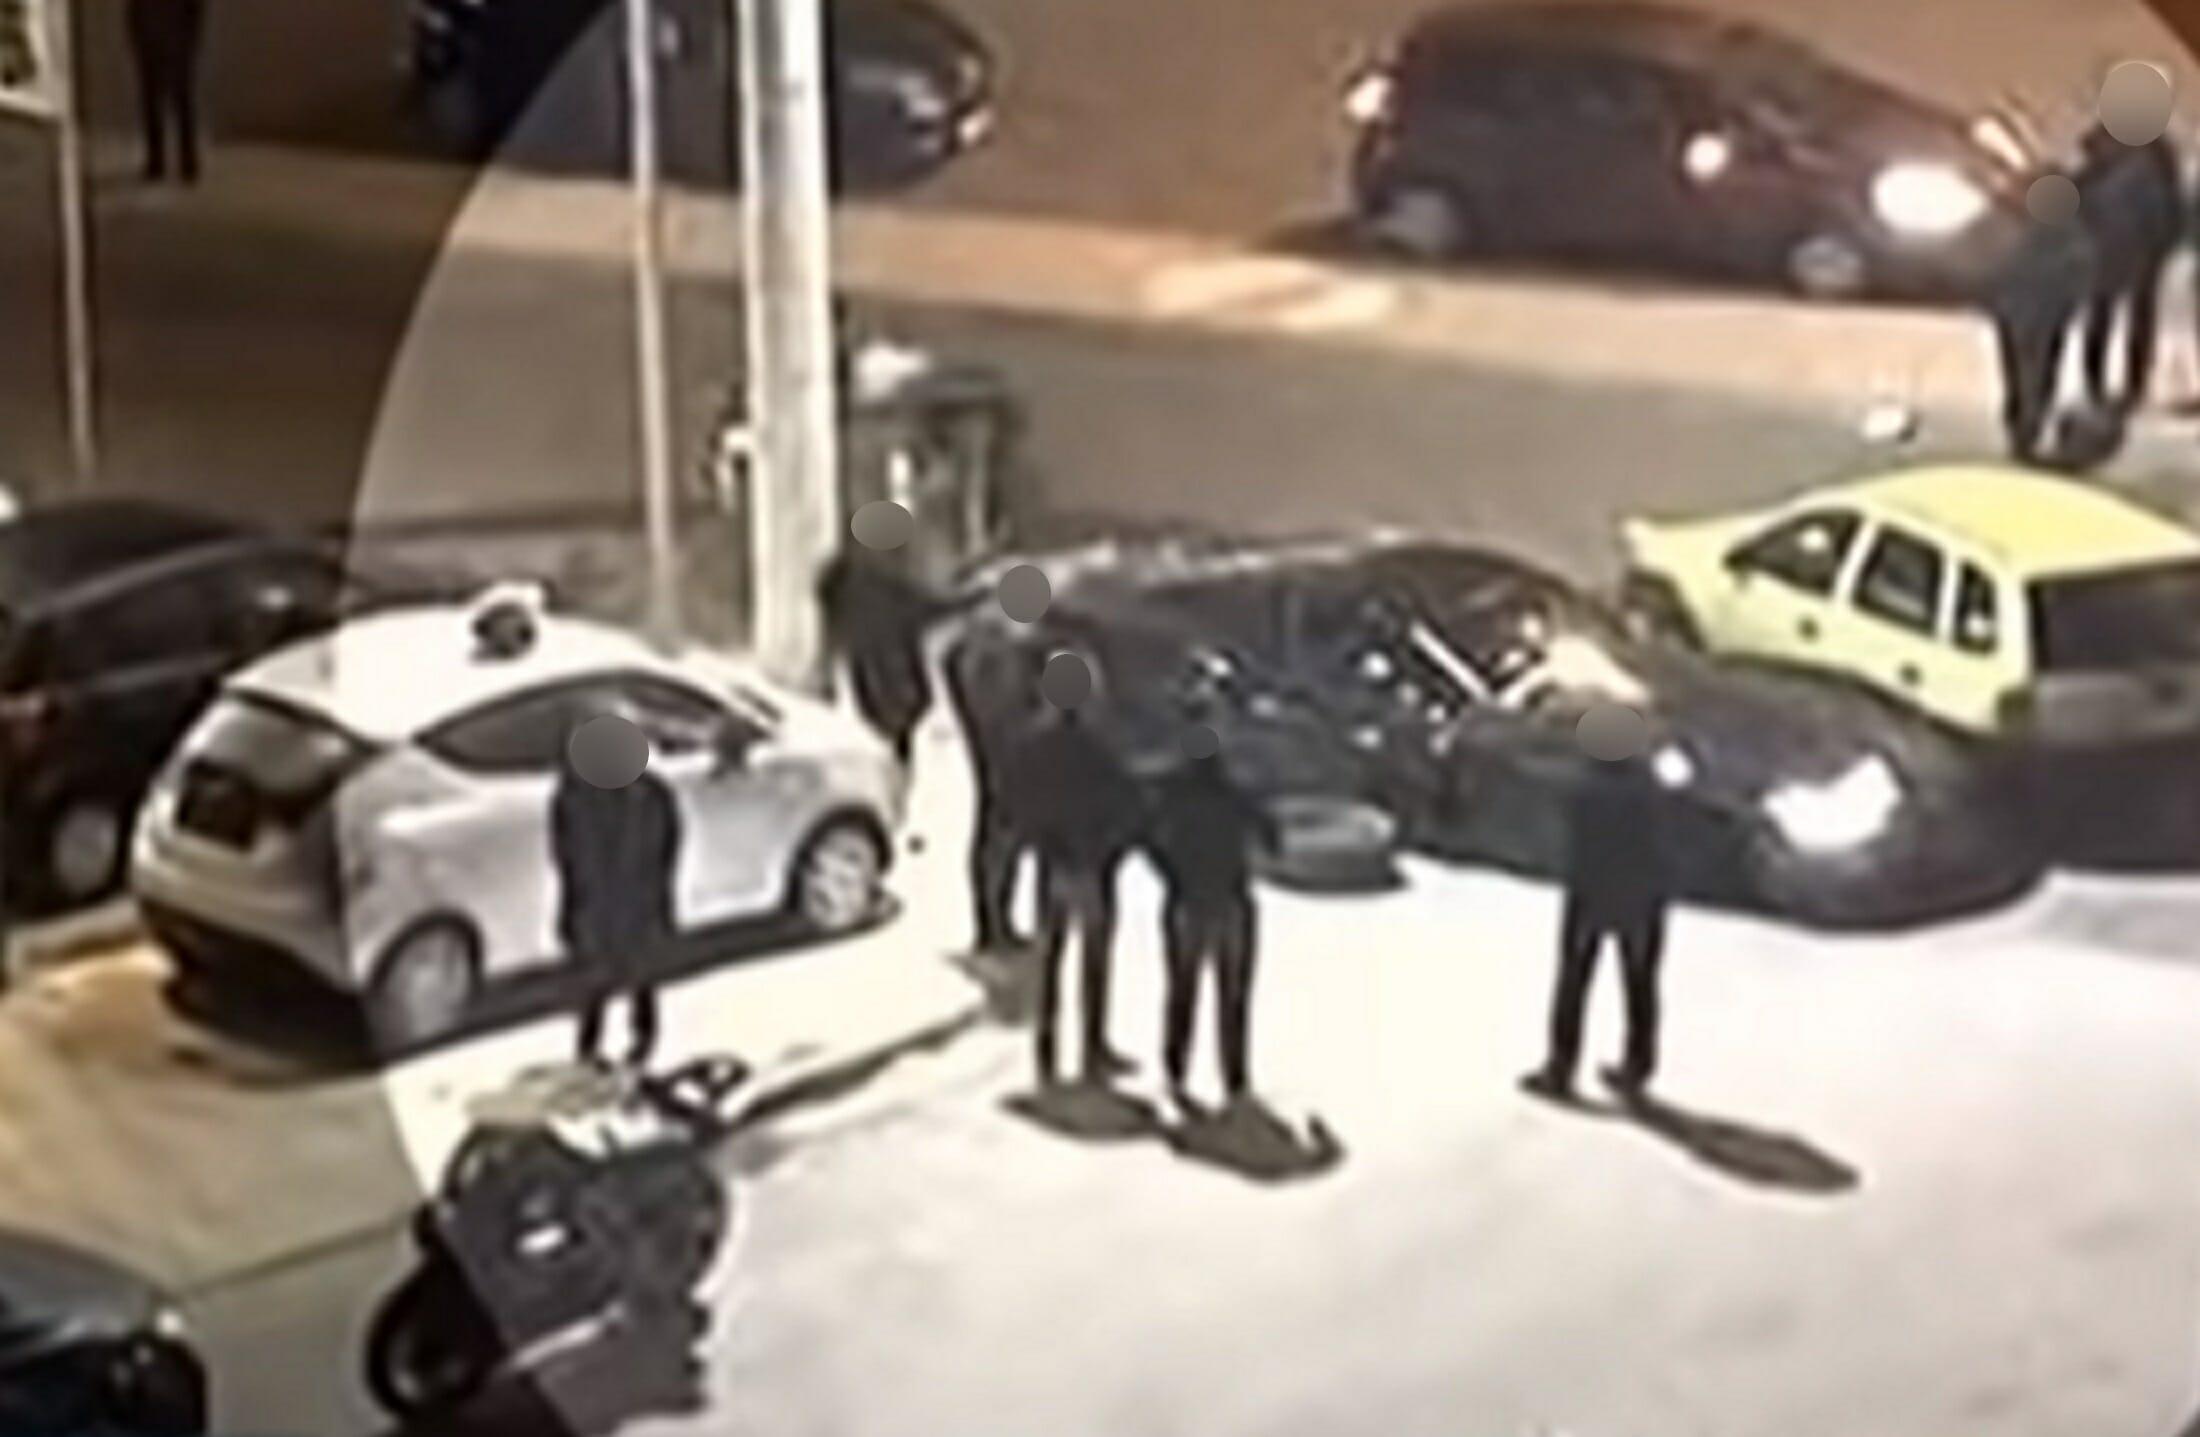 Γλυφάδα: Εντοπίστηκε η συνοδηγός της Corvette που σκότωσε τον 25χρονο!